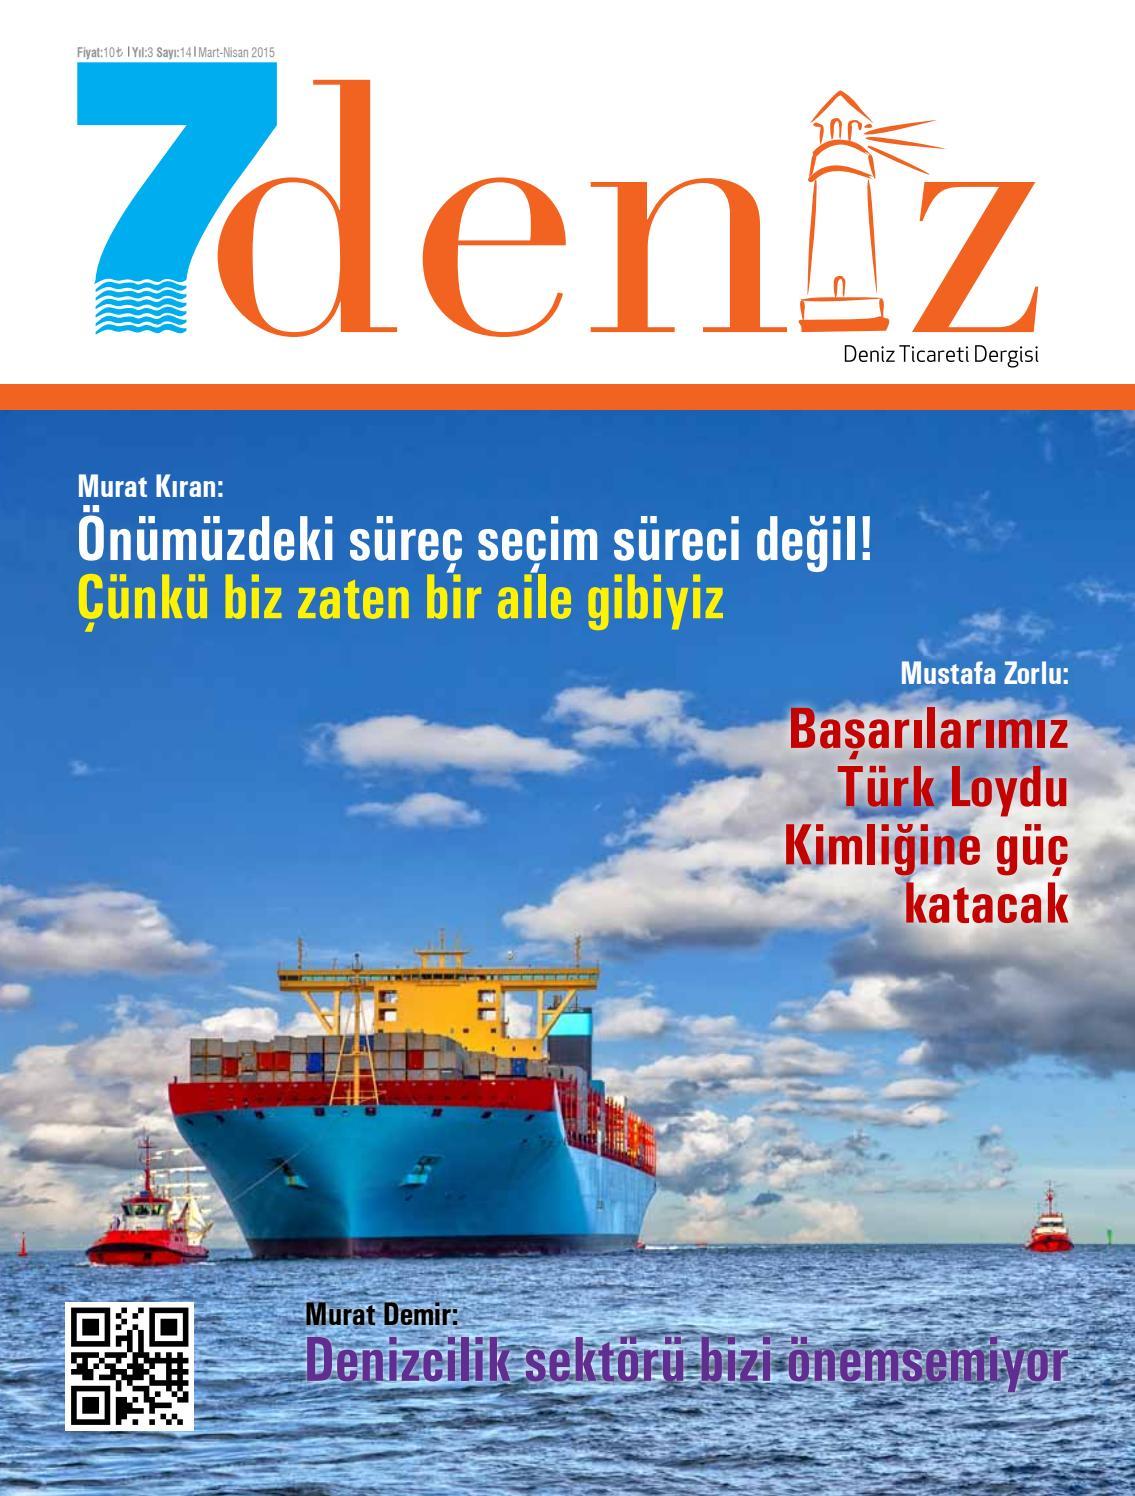 Lübnan: Rus şirketlerin yeni petrol ve doğalgaz yatağı ihalesine girmesini istiyoruz 33